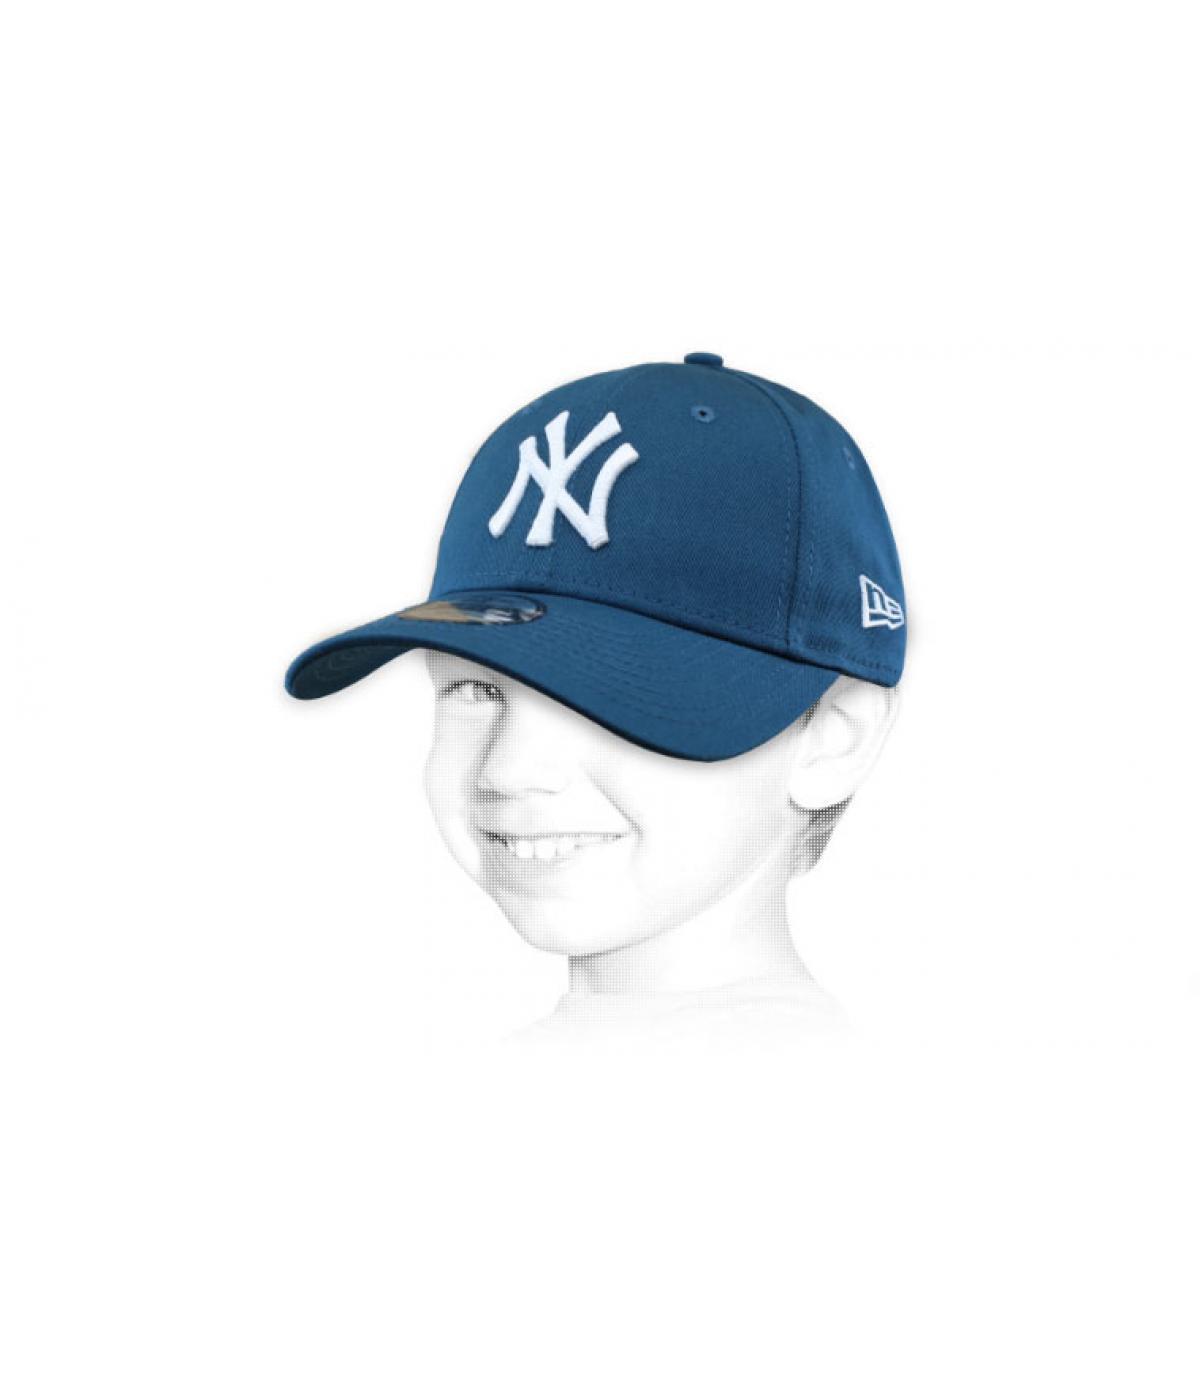 blauwe kindermuts NY